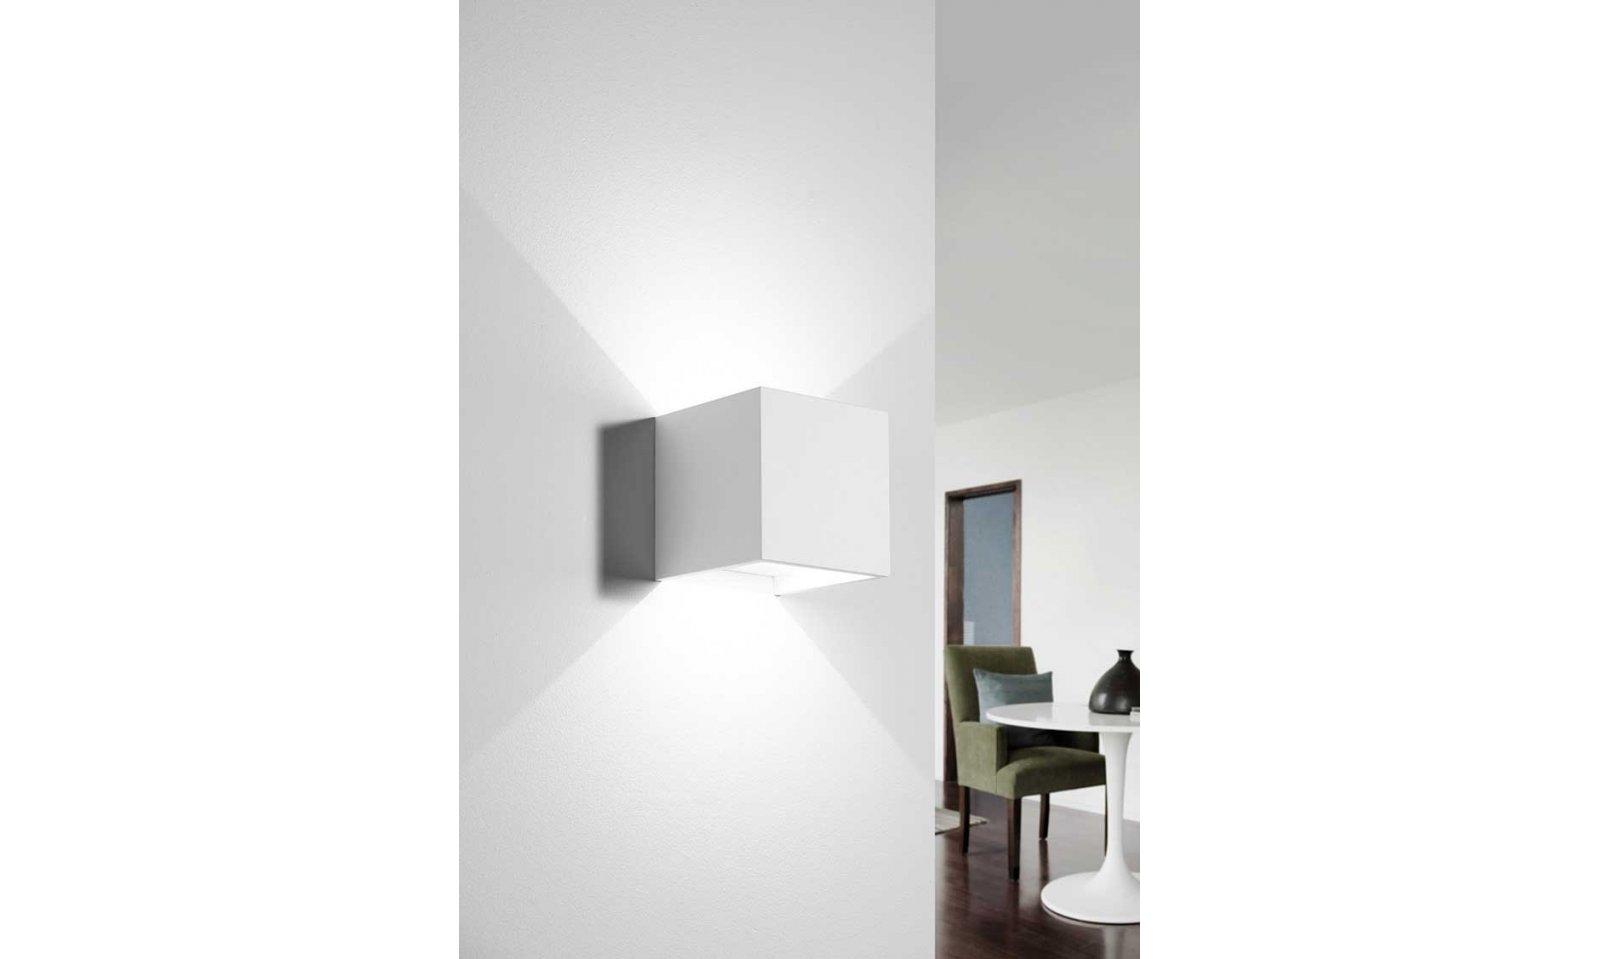 Sforzin illuminazione applique in gesso led modello kos